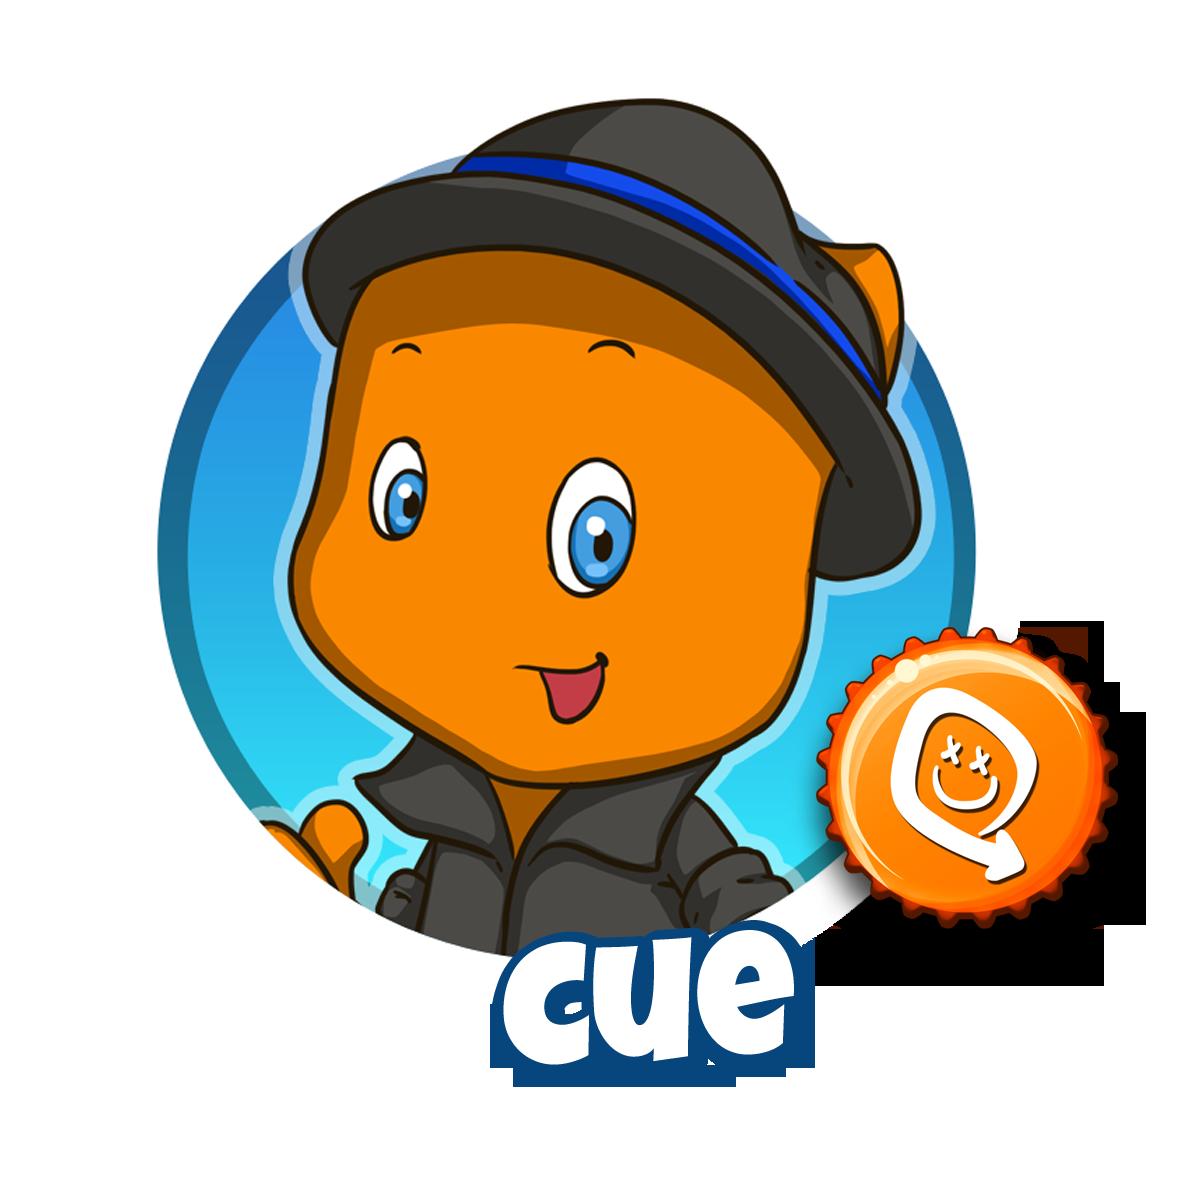 Cue_C_L